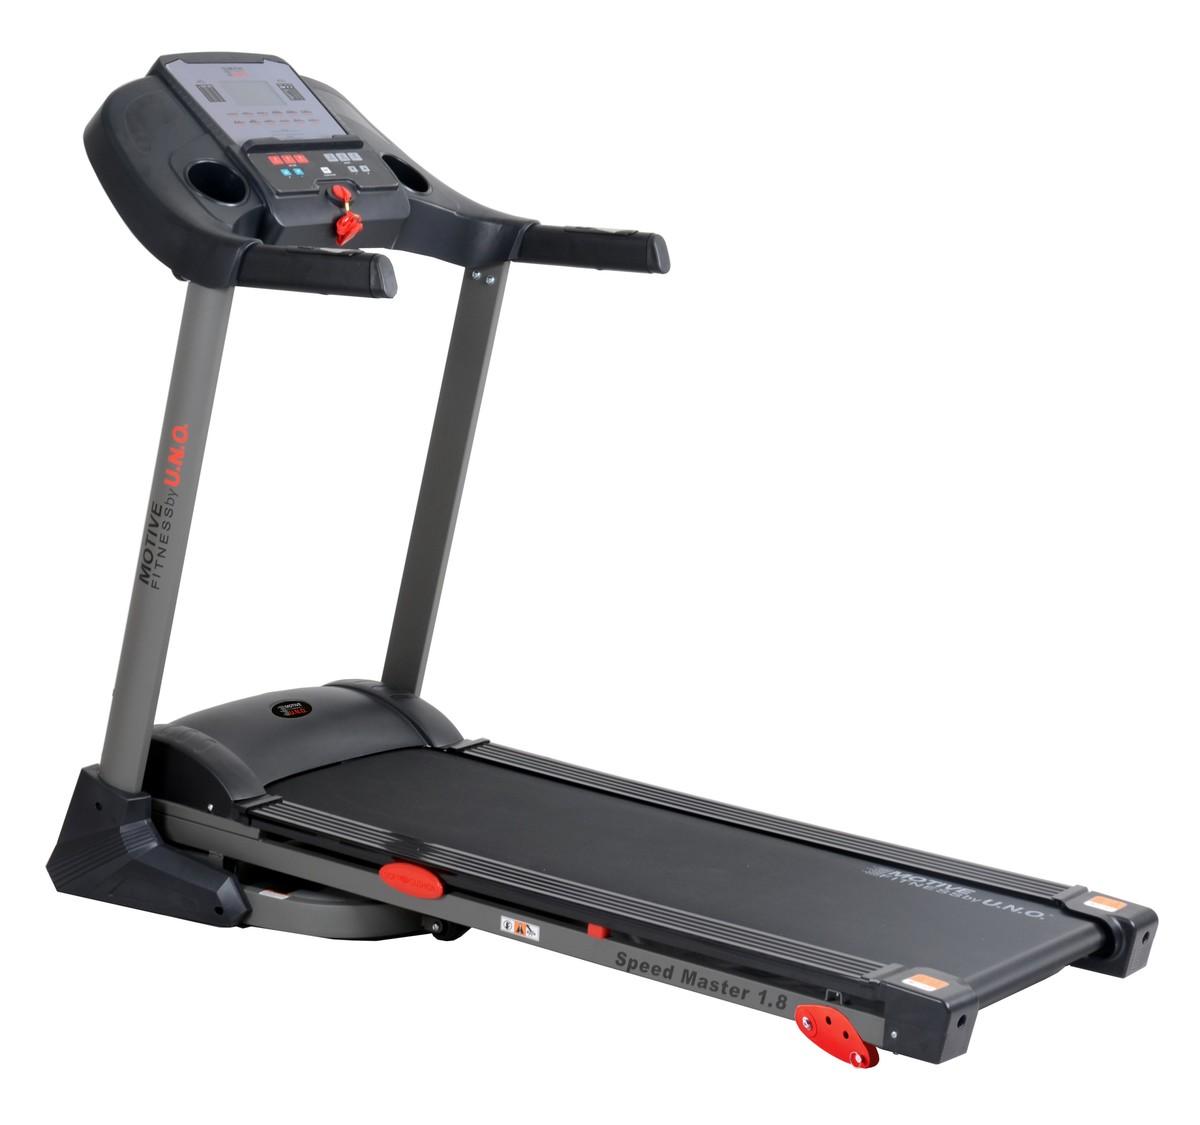 Bild 1 von MOTIVE Fitness by U.N.O. Laufband Speed Master 1.8M